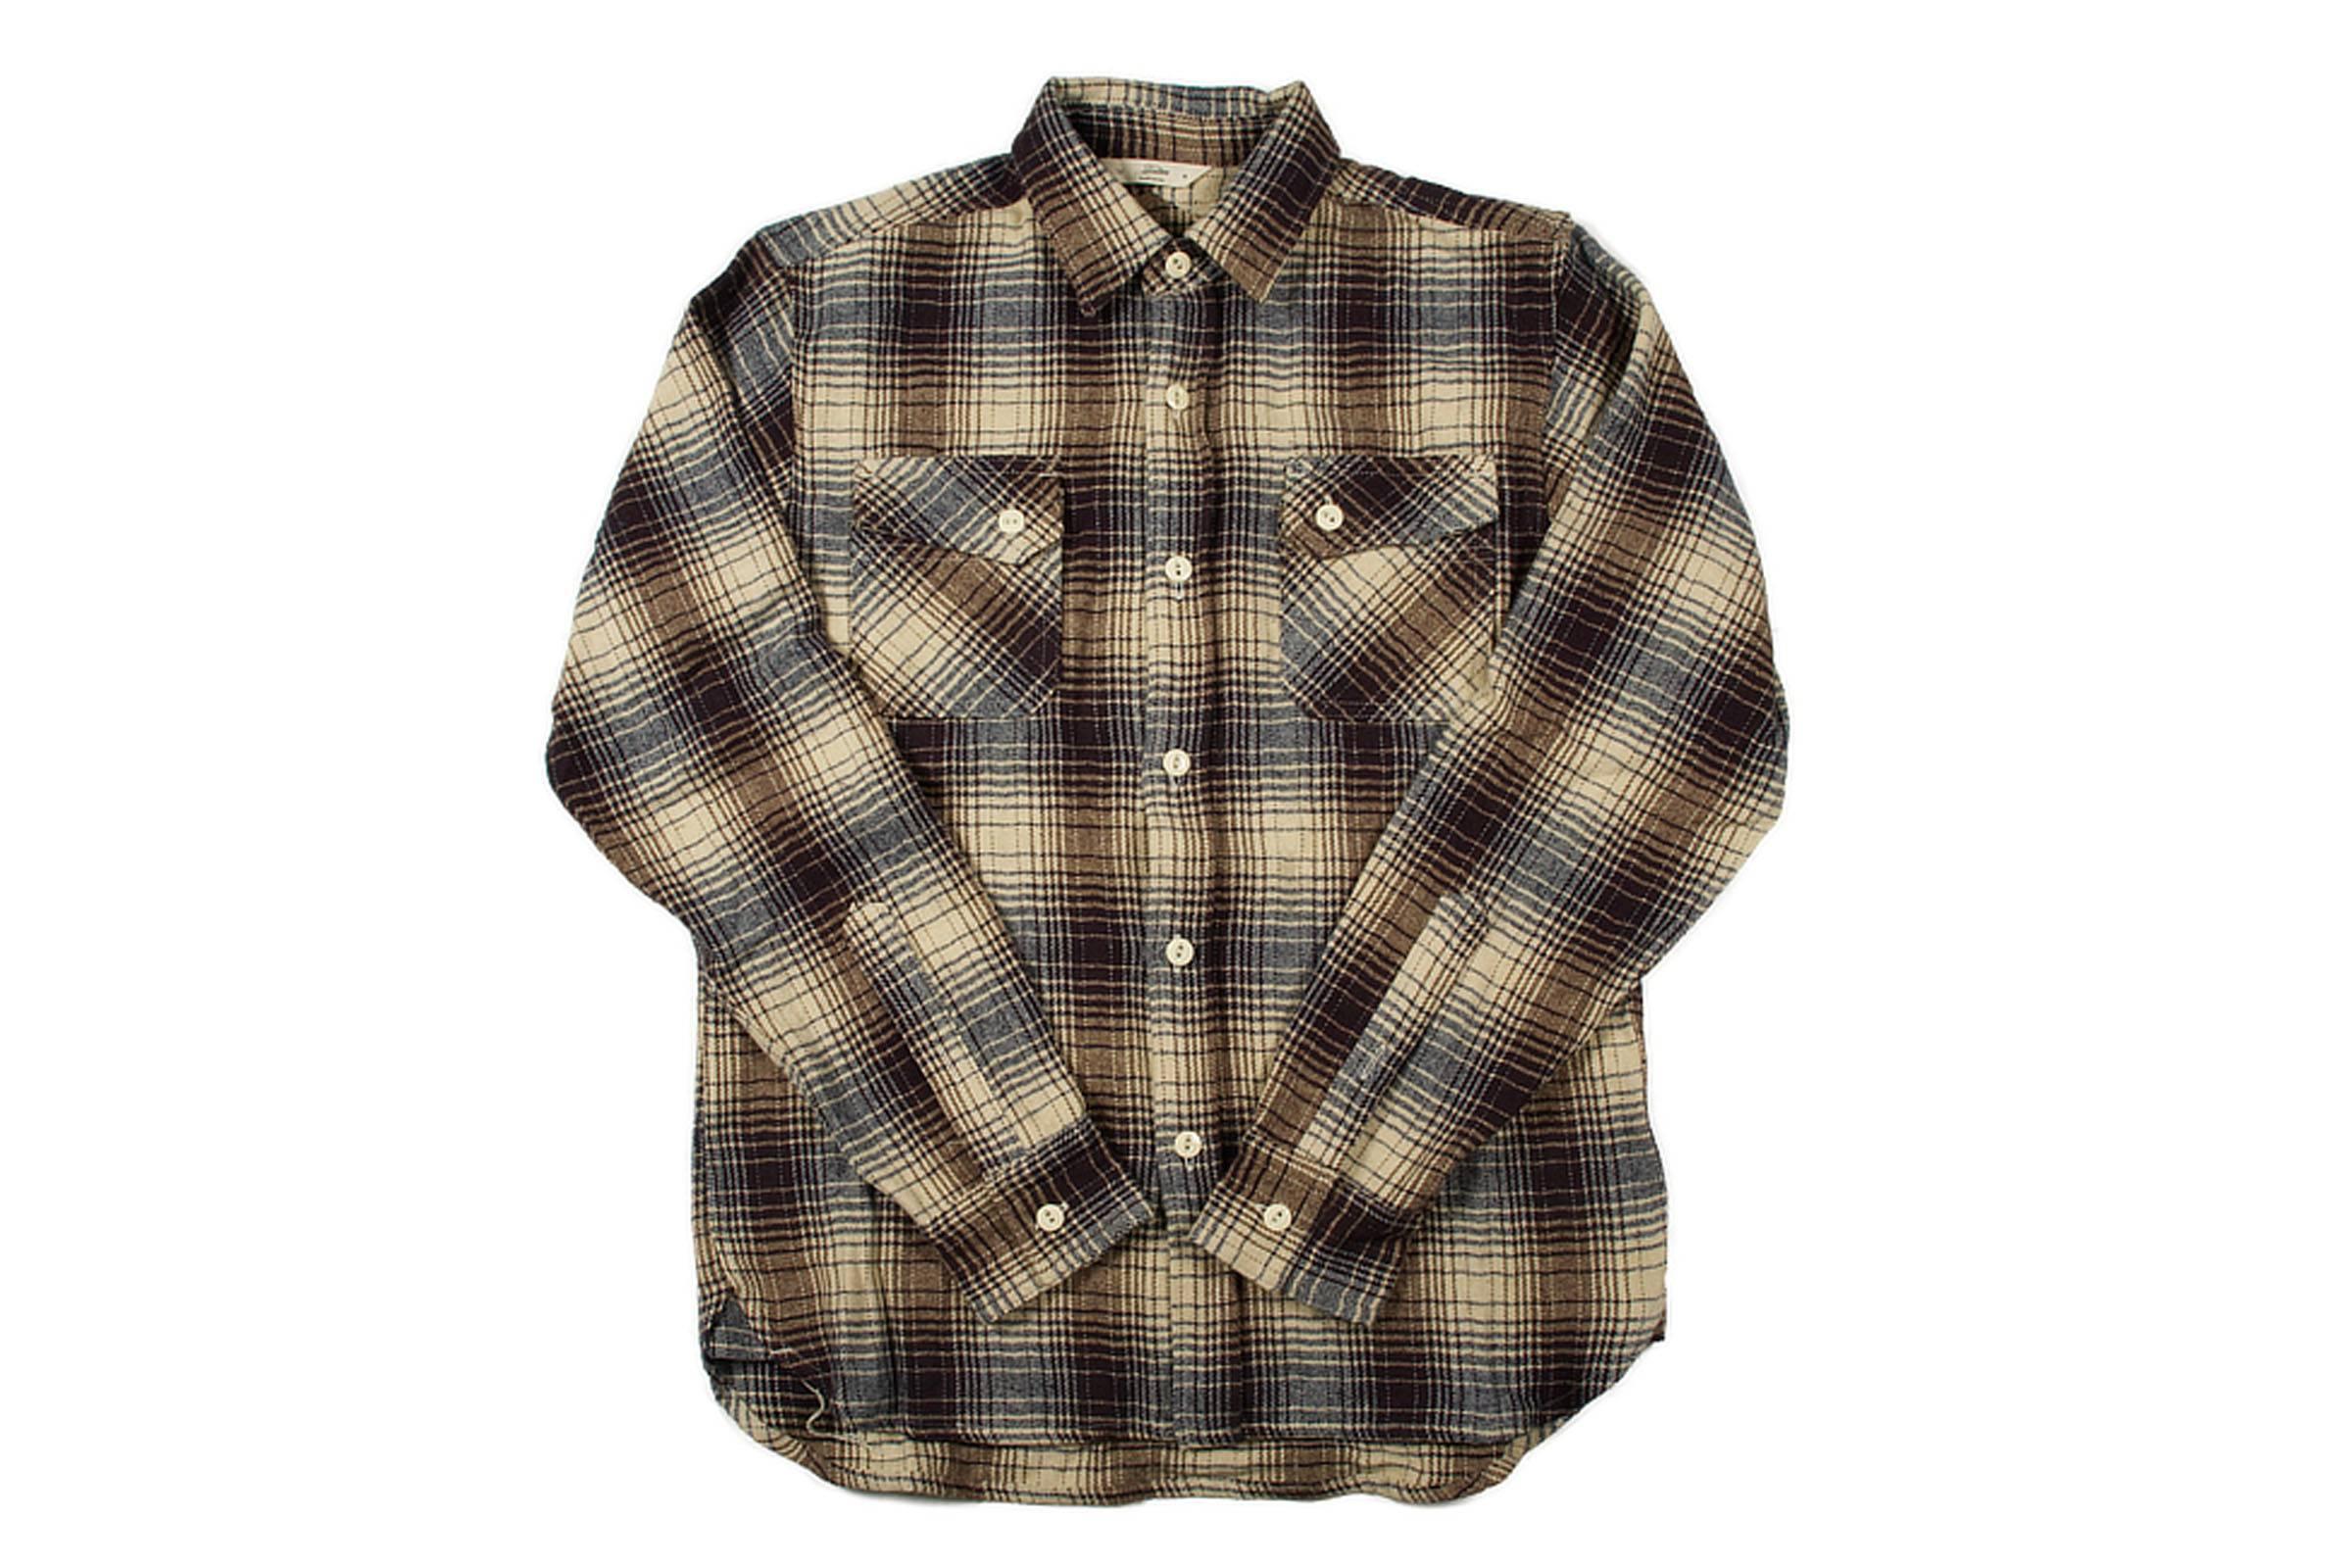 13. 3Sixteen Crosscut Flannel Shirt